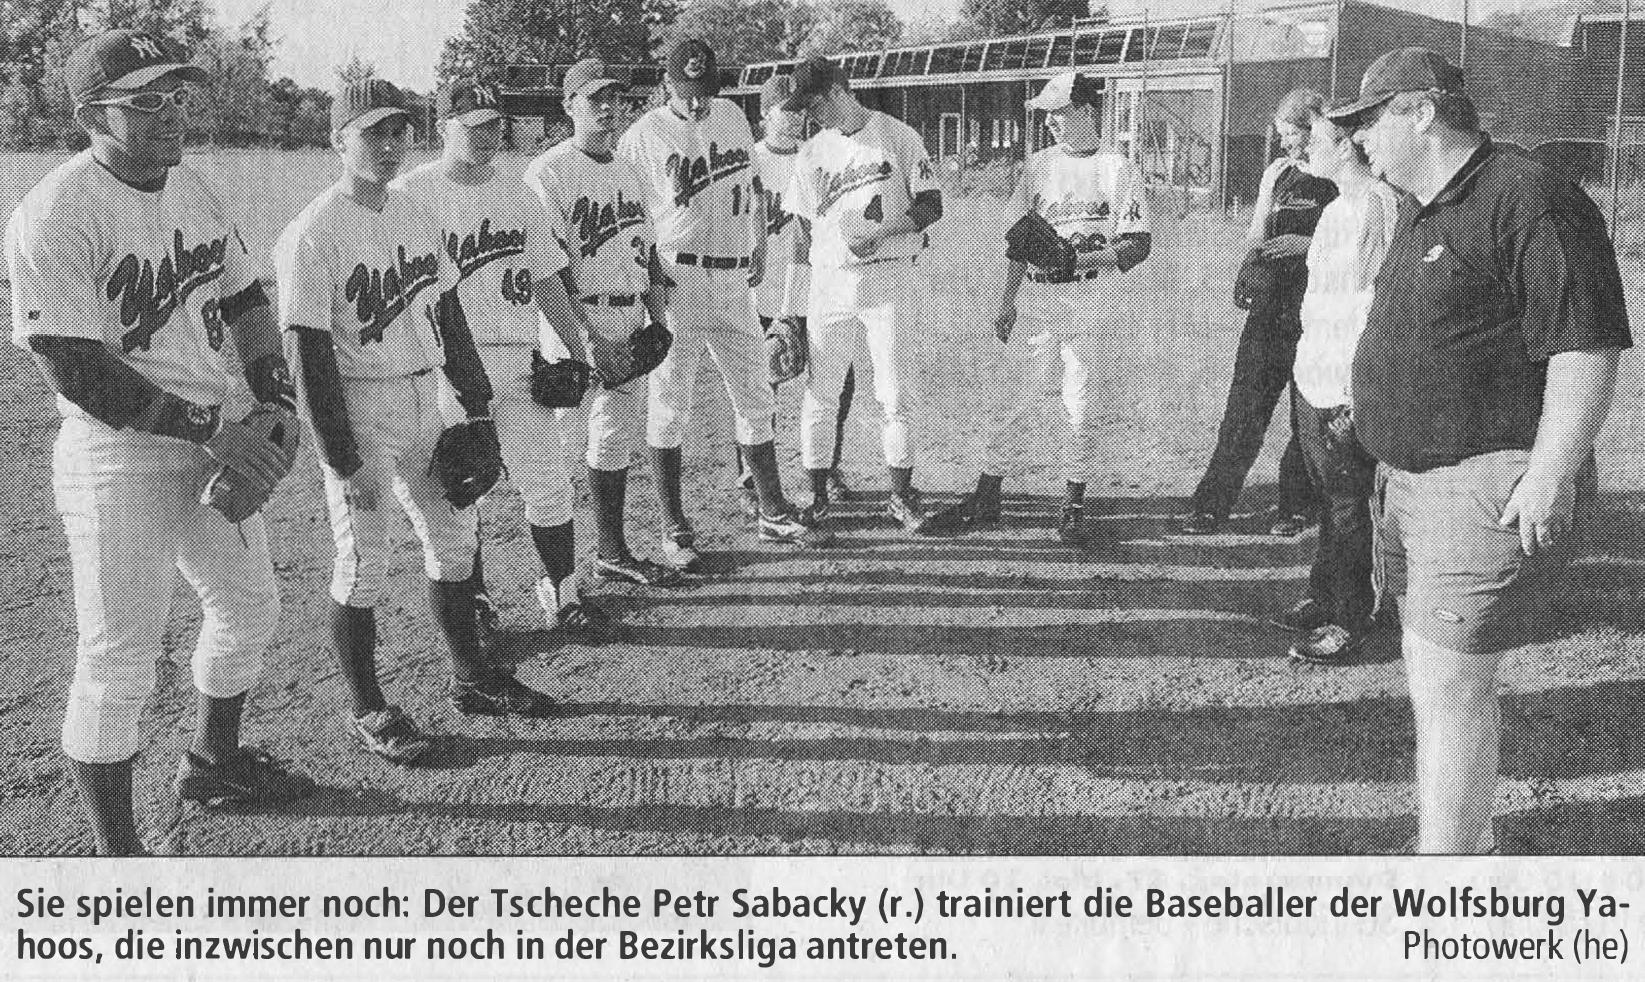 Sie spielen immer noch: Der Tscheche Petr Sabacky (r.) trainiert die Baseballer der Wolfsburg Yahoos, die inzwischen nur noch in der Bezirksliga antreten. Photowerk (he)